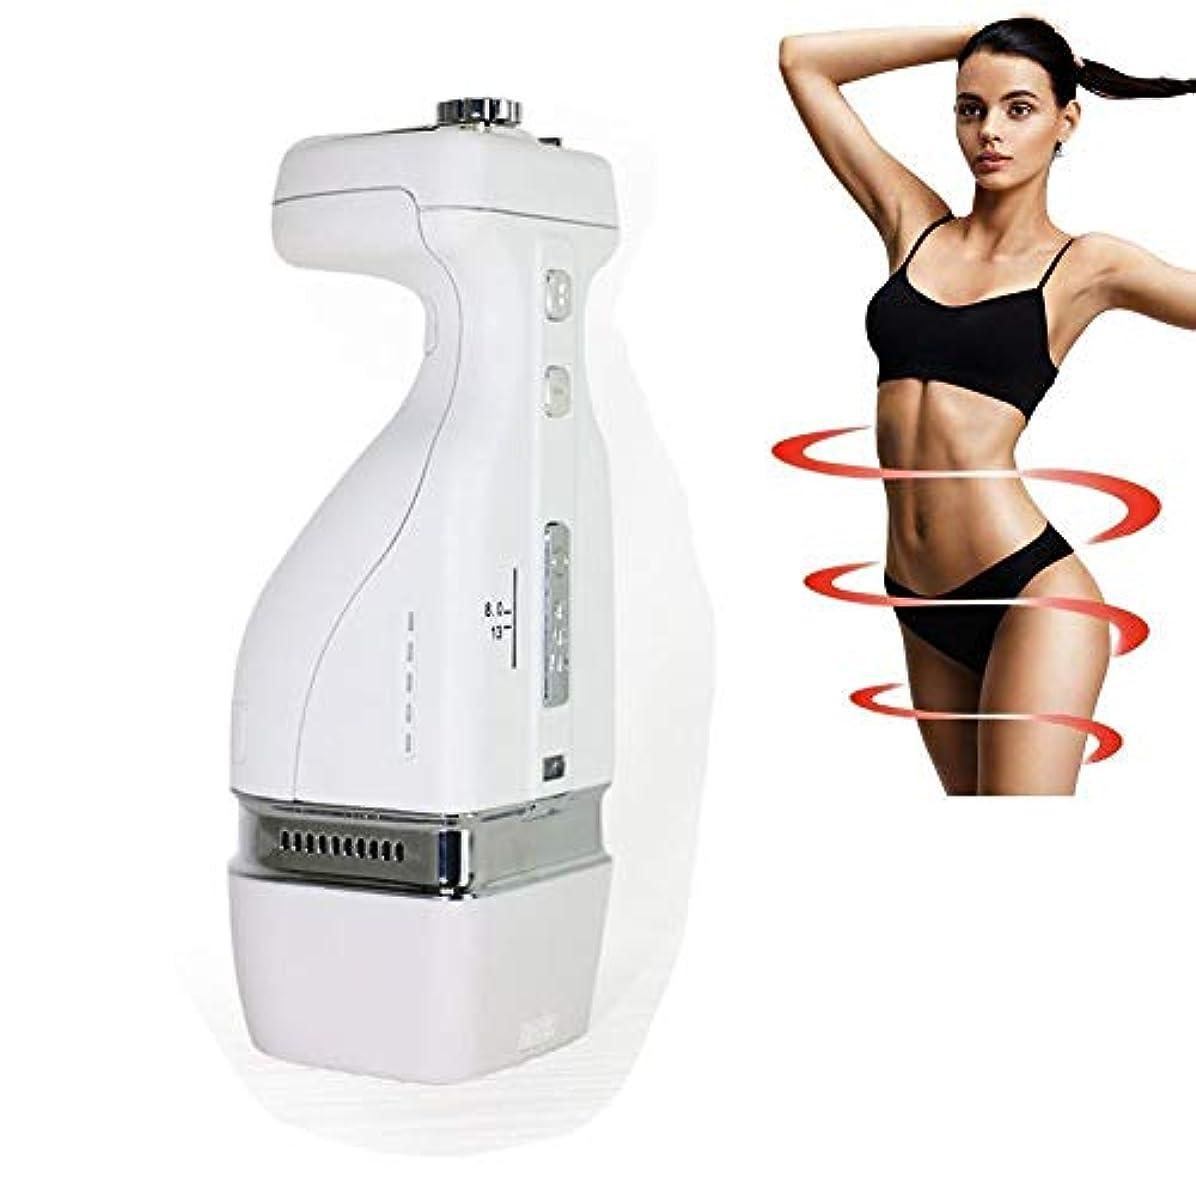 チャールズキージングクリック打ち上げるHIFU痩身ボディ腹脂肪除去マッサージャー2 in1便利な減量脂肪マシン家庭用フェイシャルビューティーサロン機器